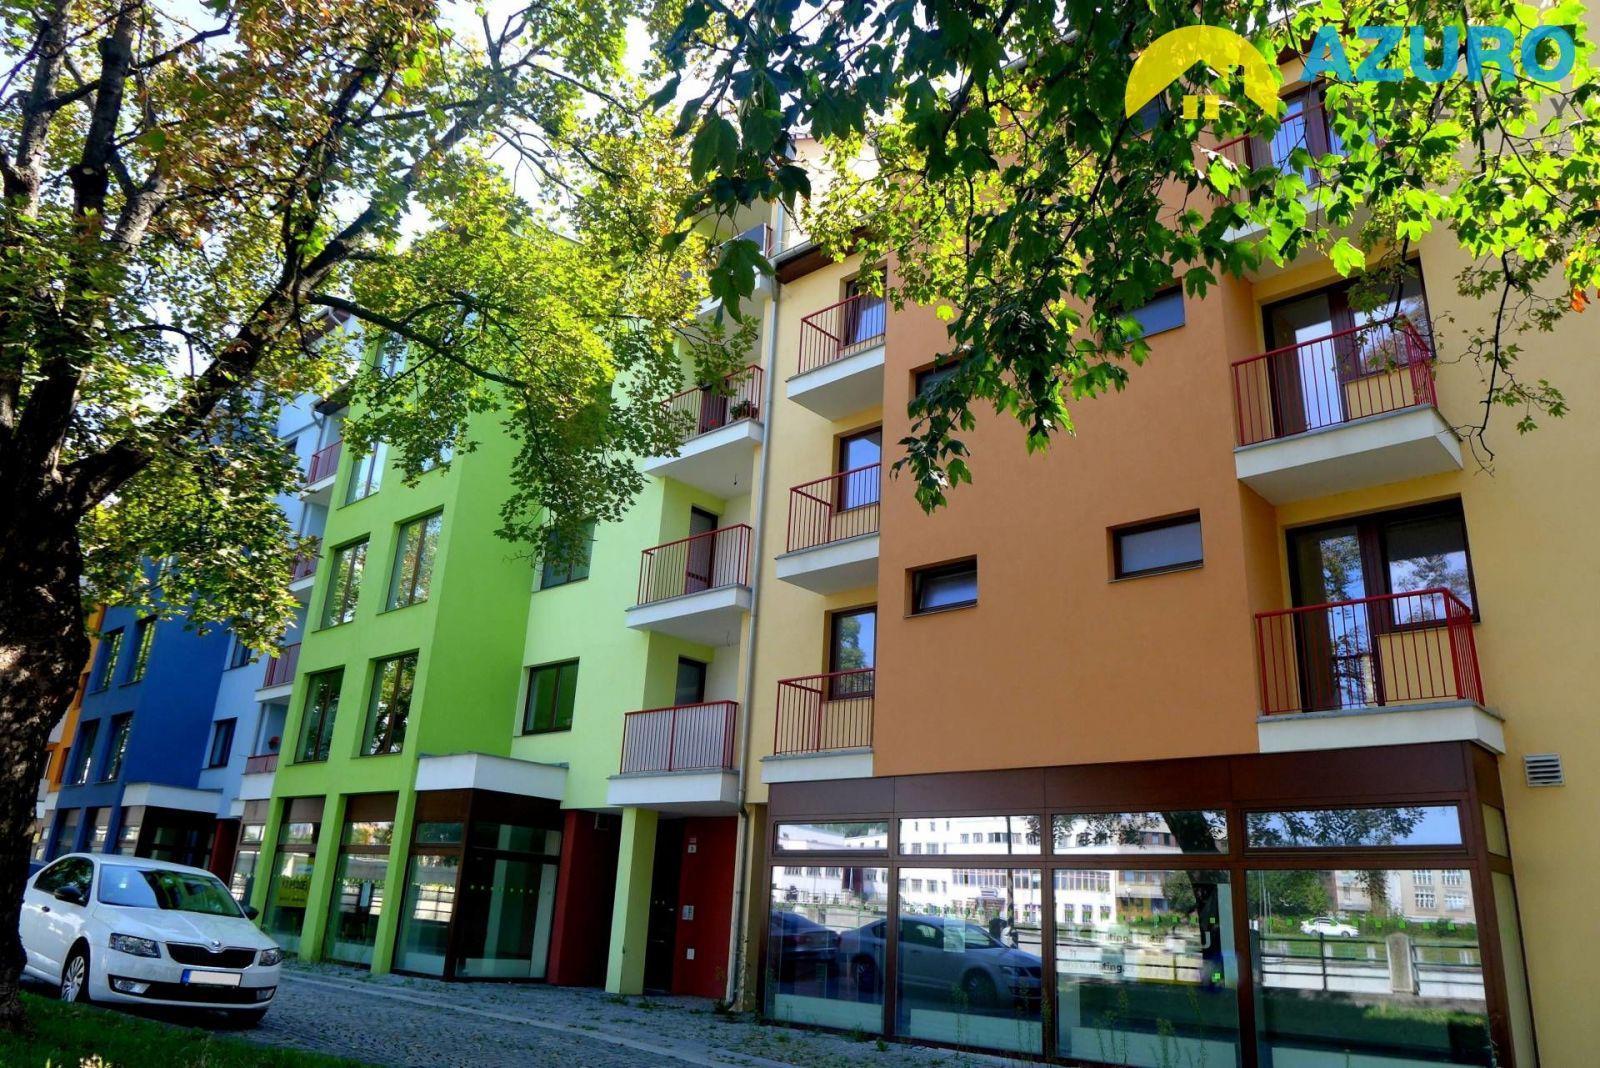 Prodej nebytového prostoru 89 m2 v novostavbě bytového domu na nábř. PFB v Přerově